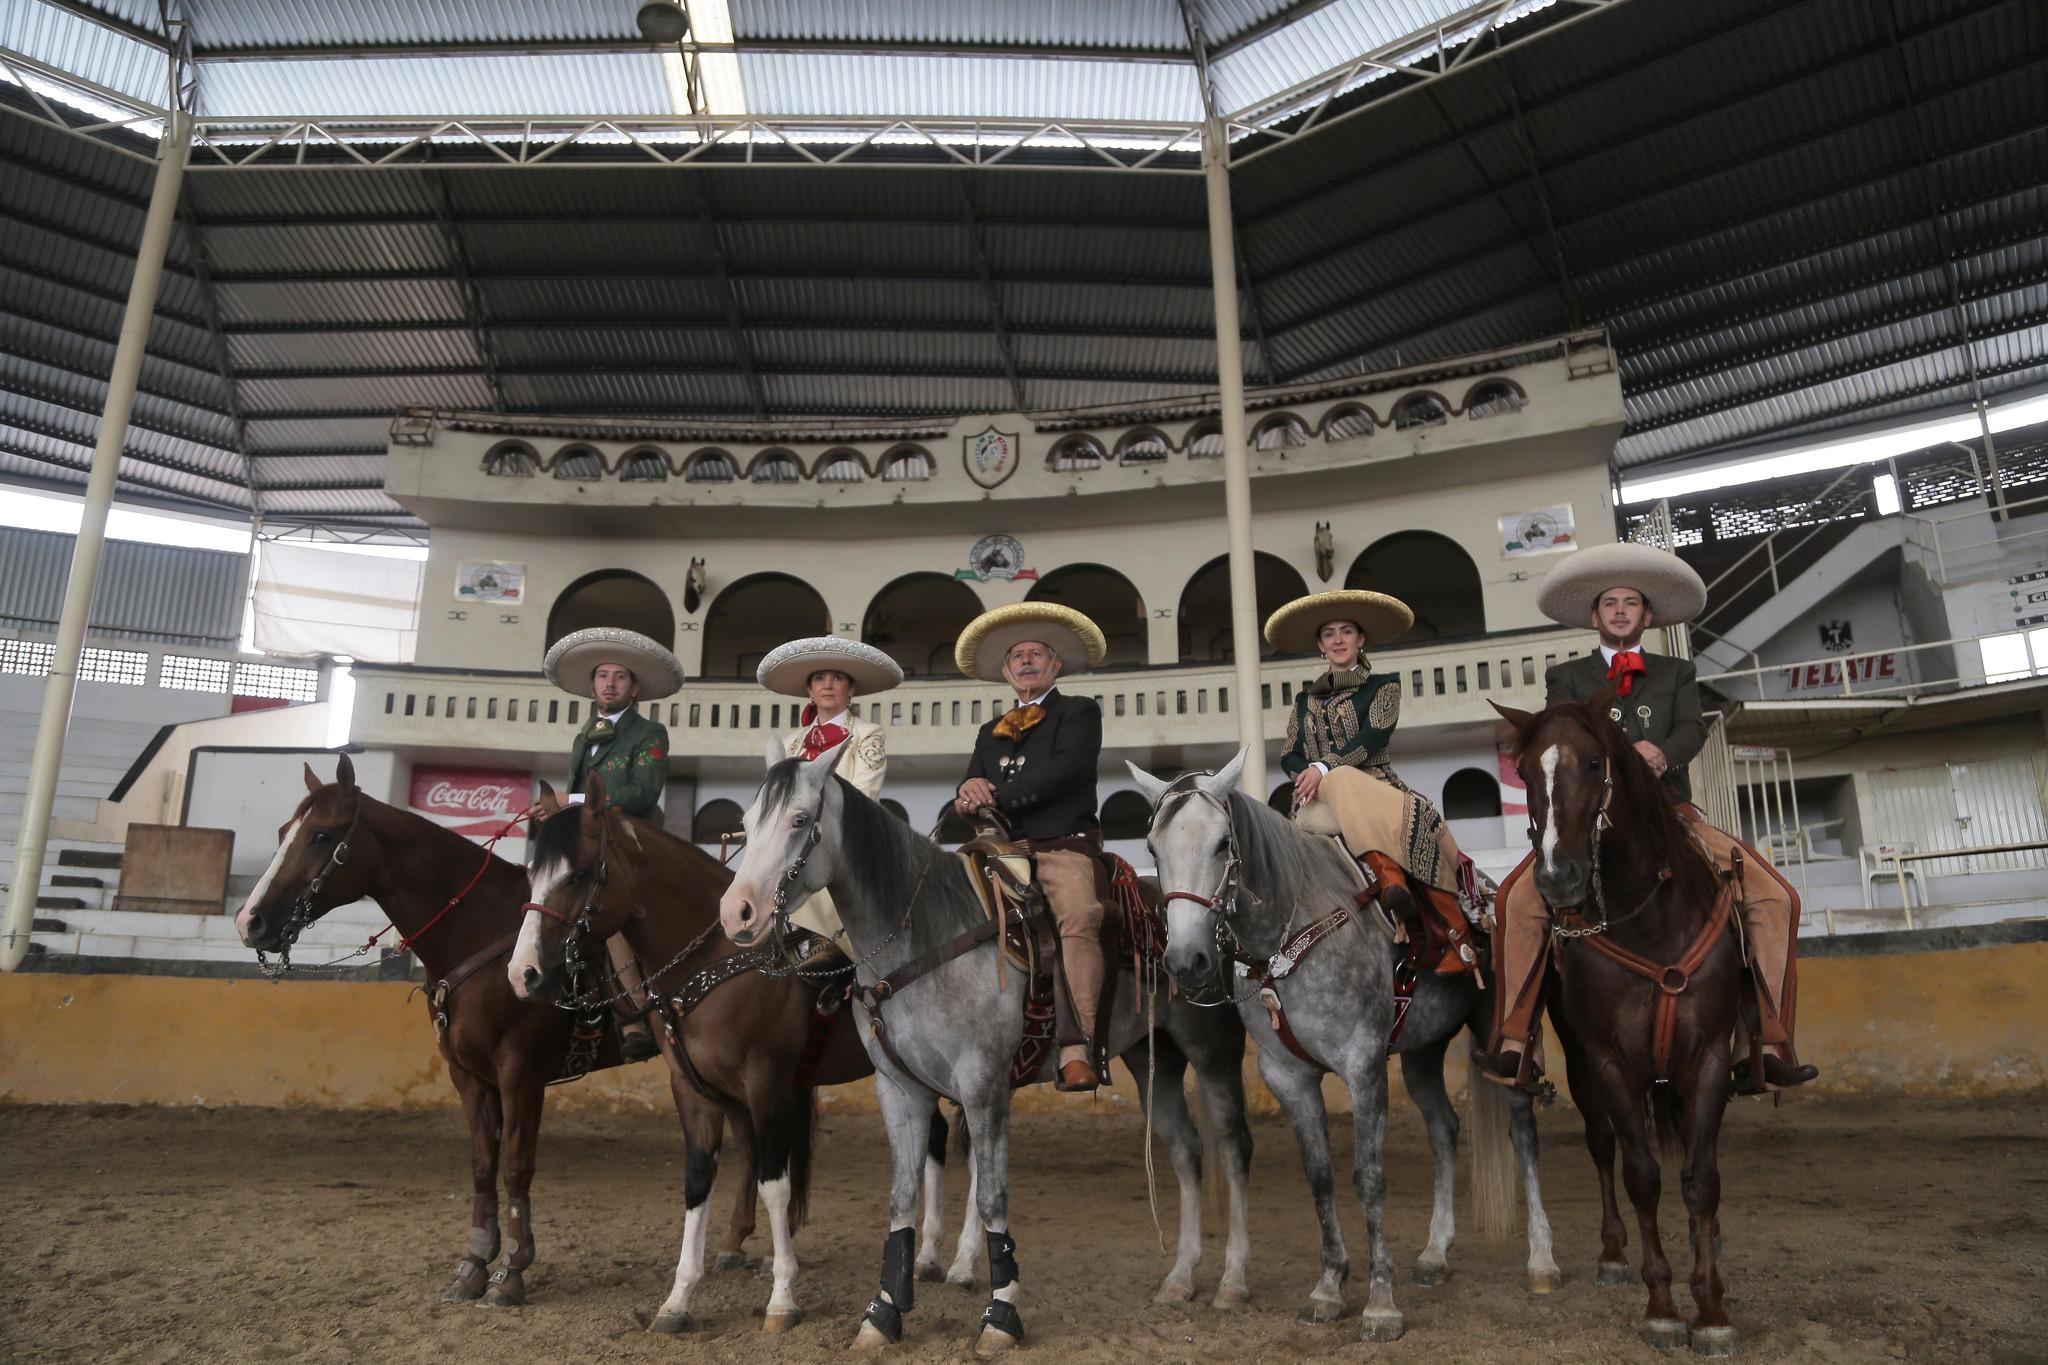 Ejecutivo declara a la Charrería Patrimonio Cultural Inmaterial del Estado de Jalisco